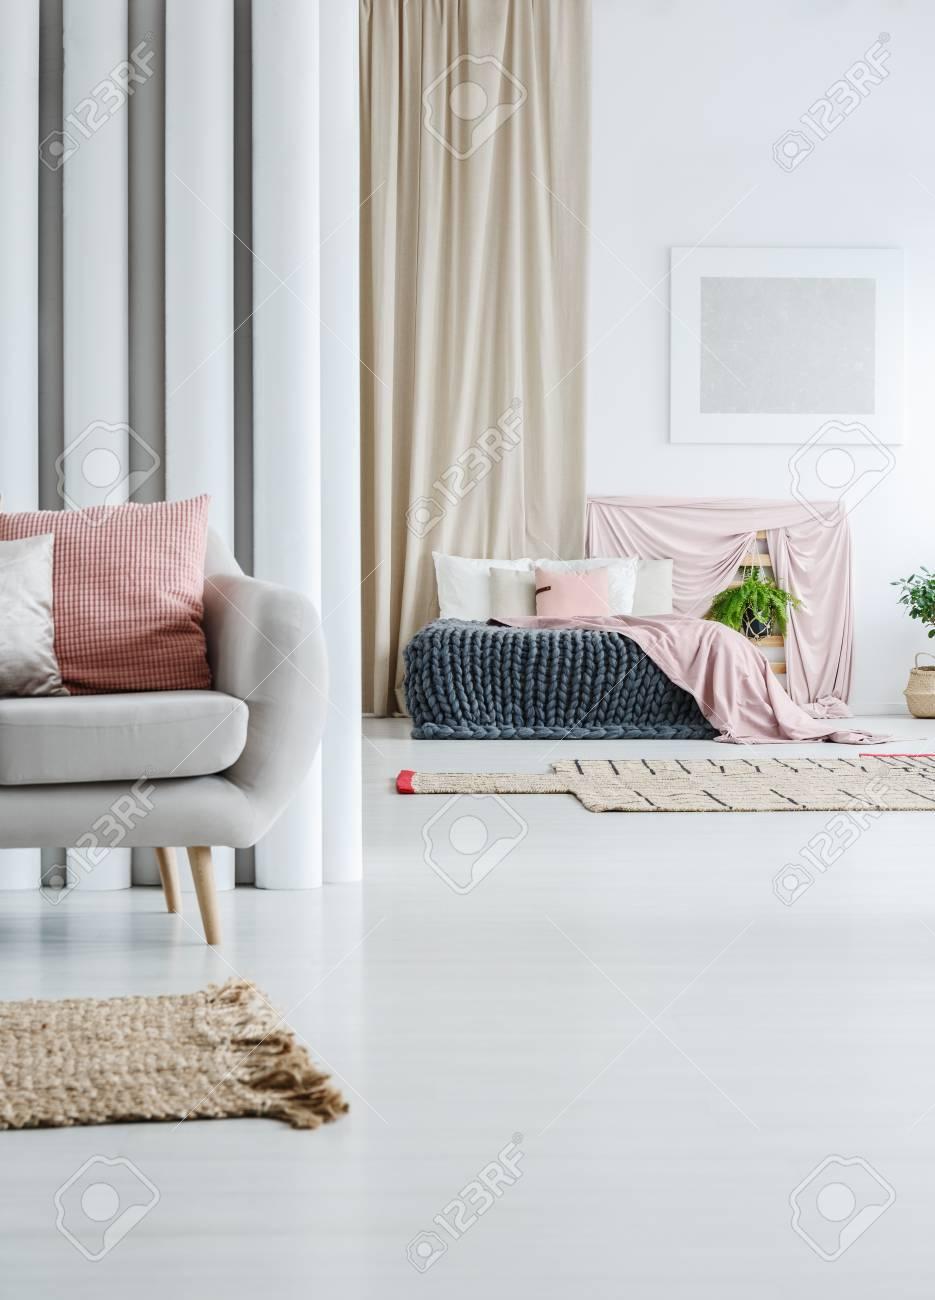 rideau beige dans loft multifonctionnel avec canape gris et couvre lit rose sur lit king size banque d images et photos libres de droits image 89879071